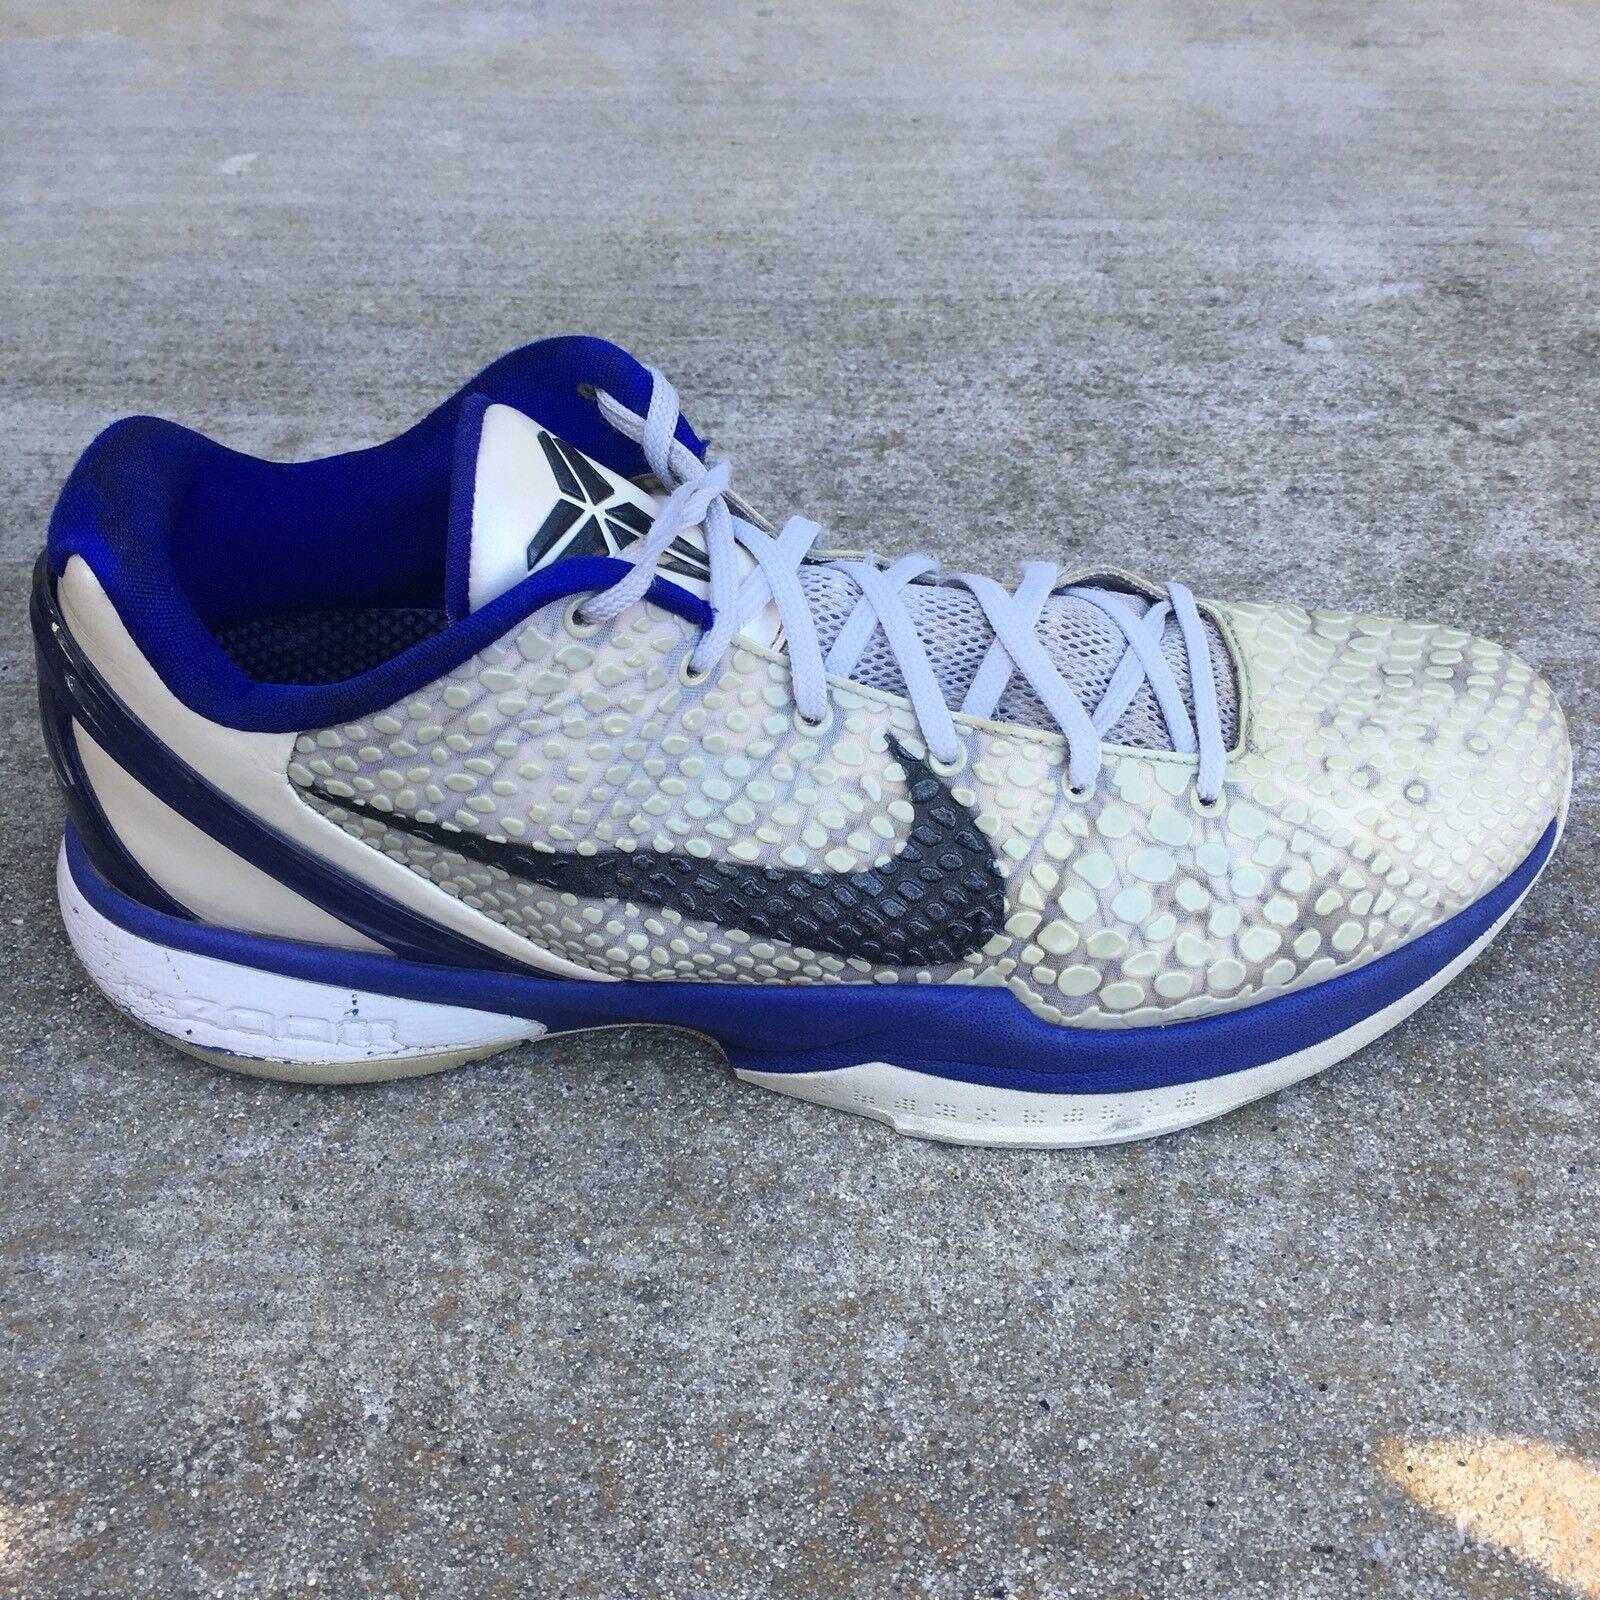 Nike Zoom Kobe h Men Sz 13 Gray Blue Black Metallic Gray Snake Skin Running Shoe Casual wild